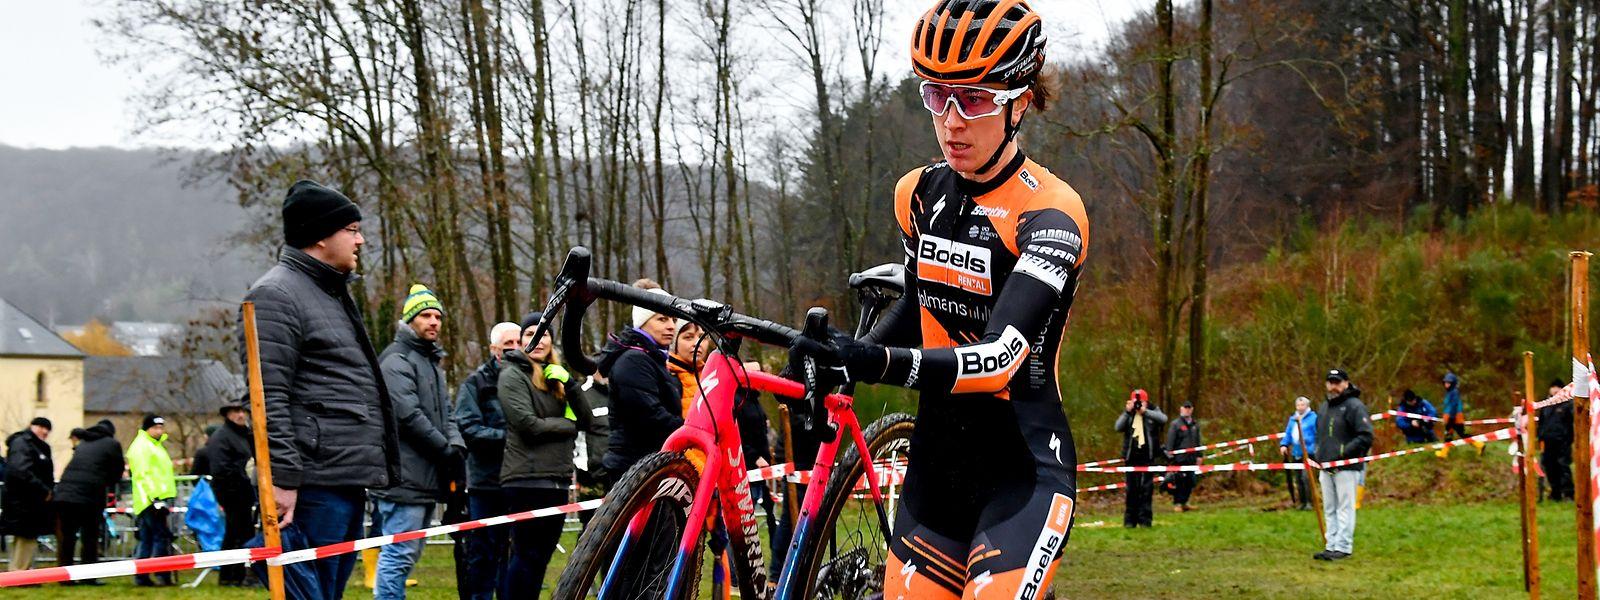 Christine Majerus ist die einzige Luxemburgerin in der Frauenkonkurrenz.